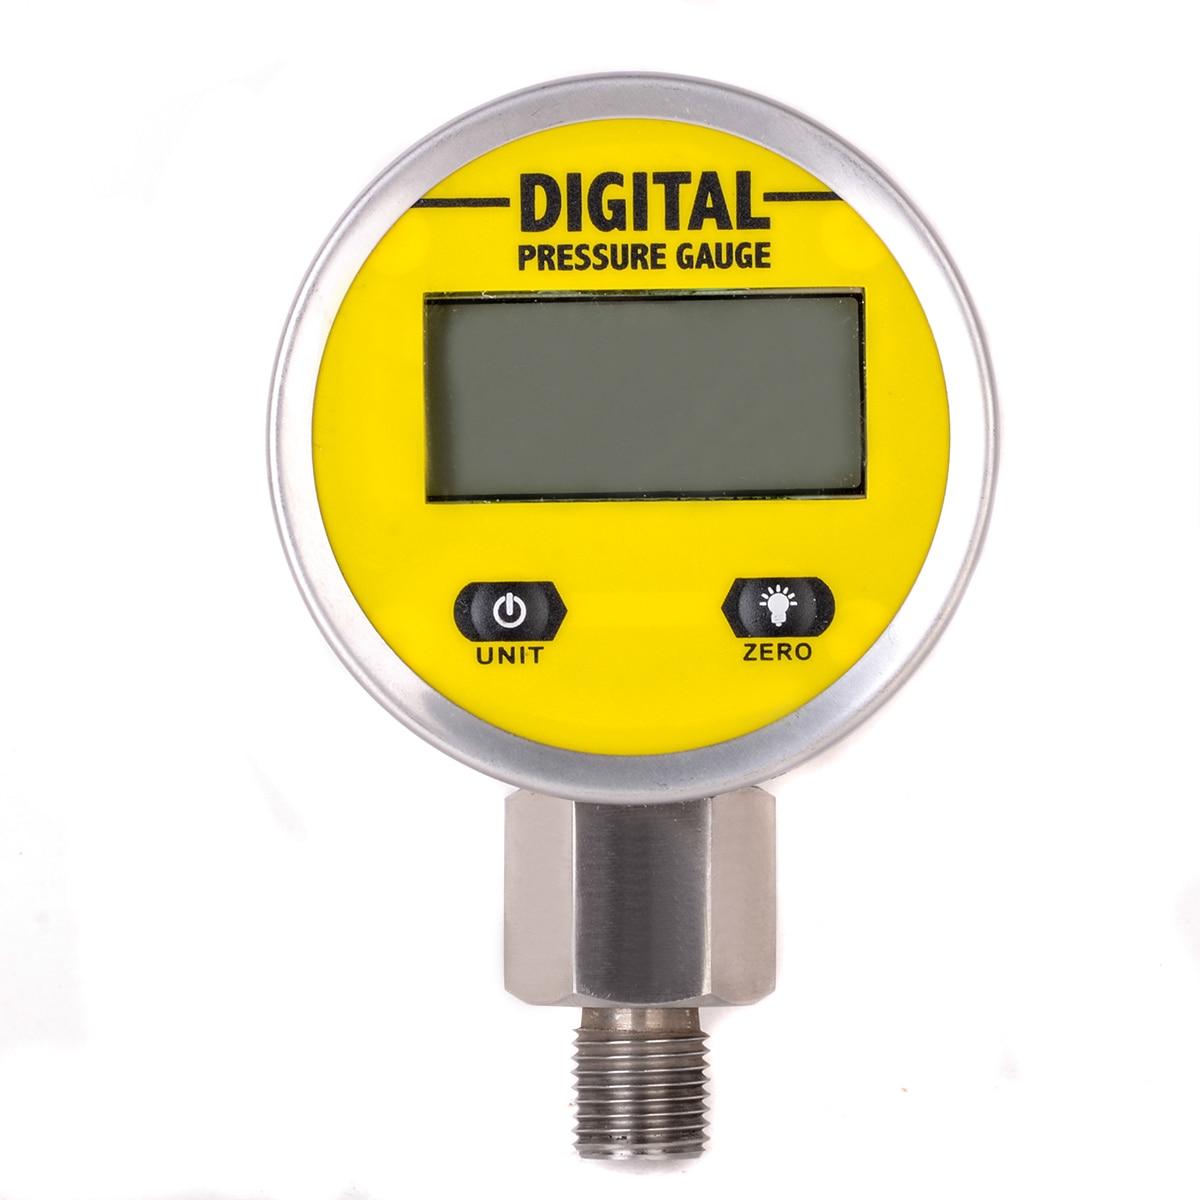 1pc Mayitr Durable Digital Hydraulic Pressure Gauge 0-250BAR / 3600PSI NPT1/4 Base Entry For Gas Water Oil Pressure Measuring te5000 0 3kpa pressure gauge